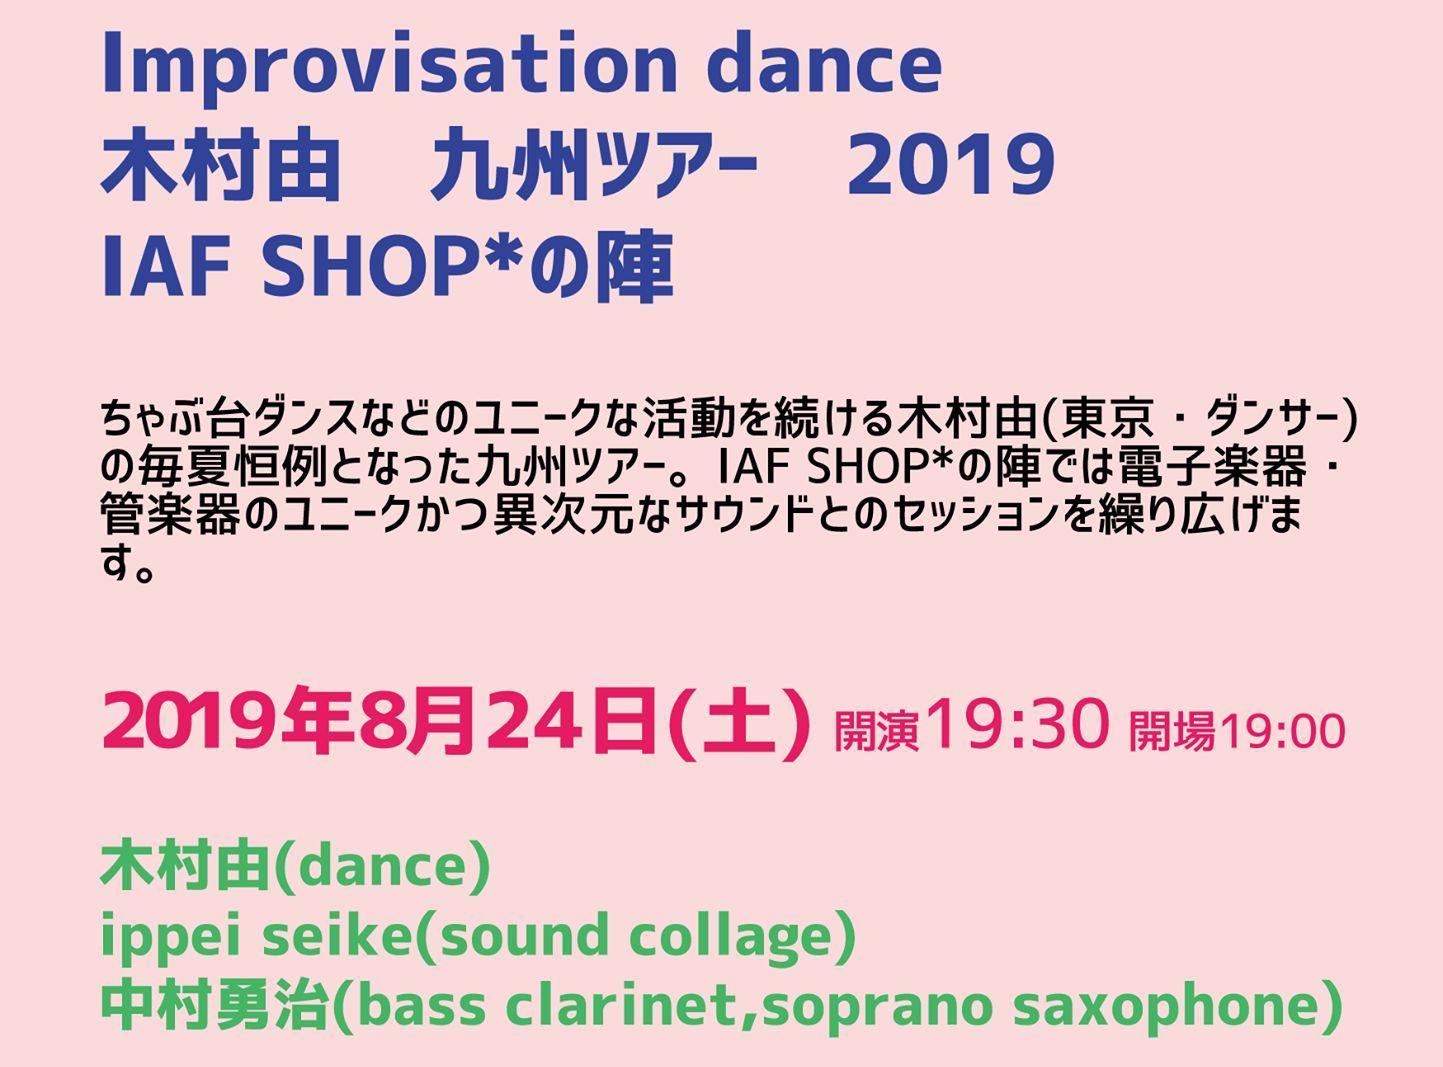 木村由 九州ツアー 2019/IAF SHOP*の陣_f0190988_22590183.jpg